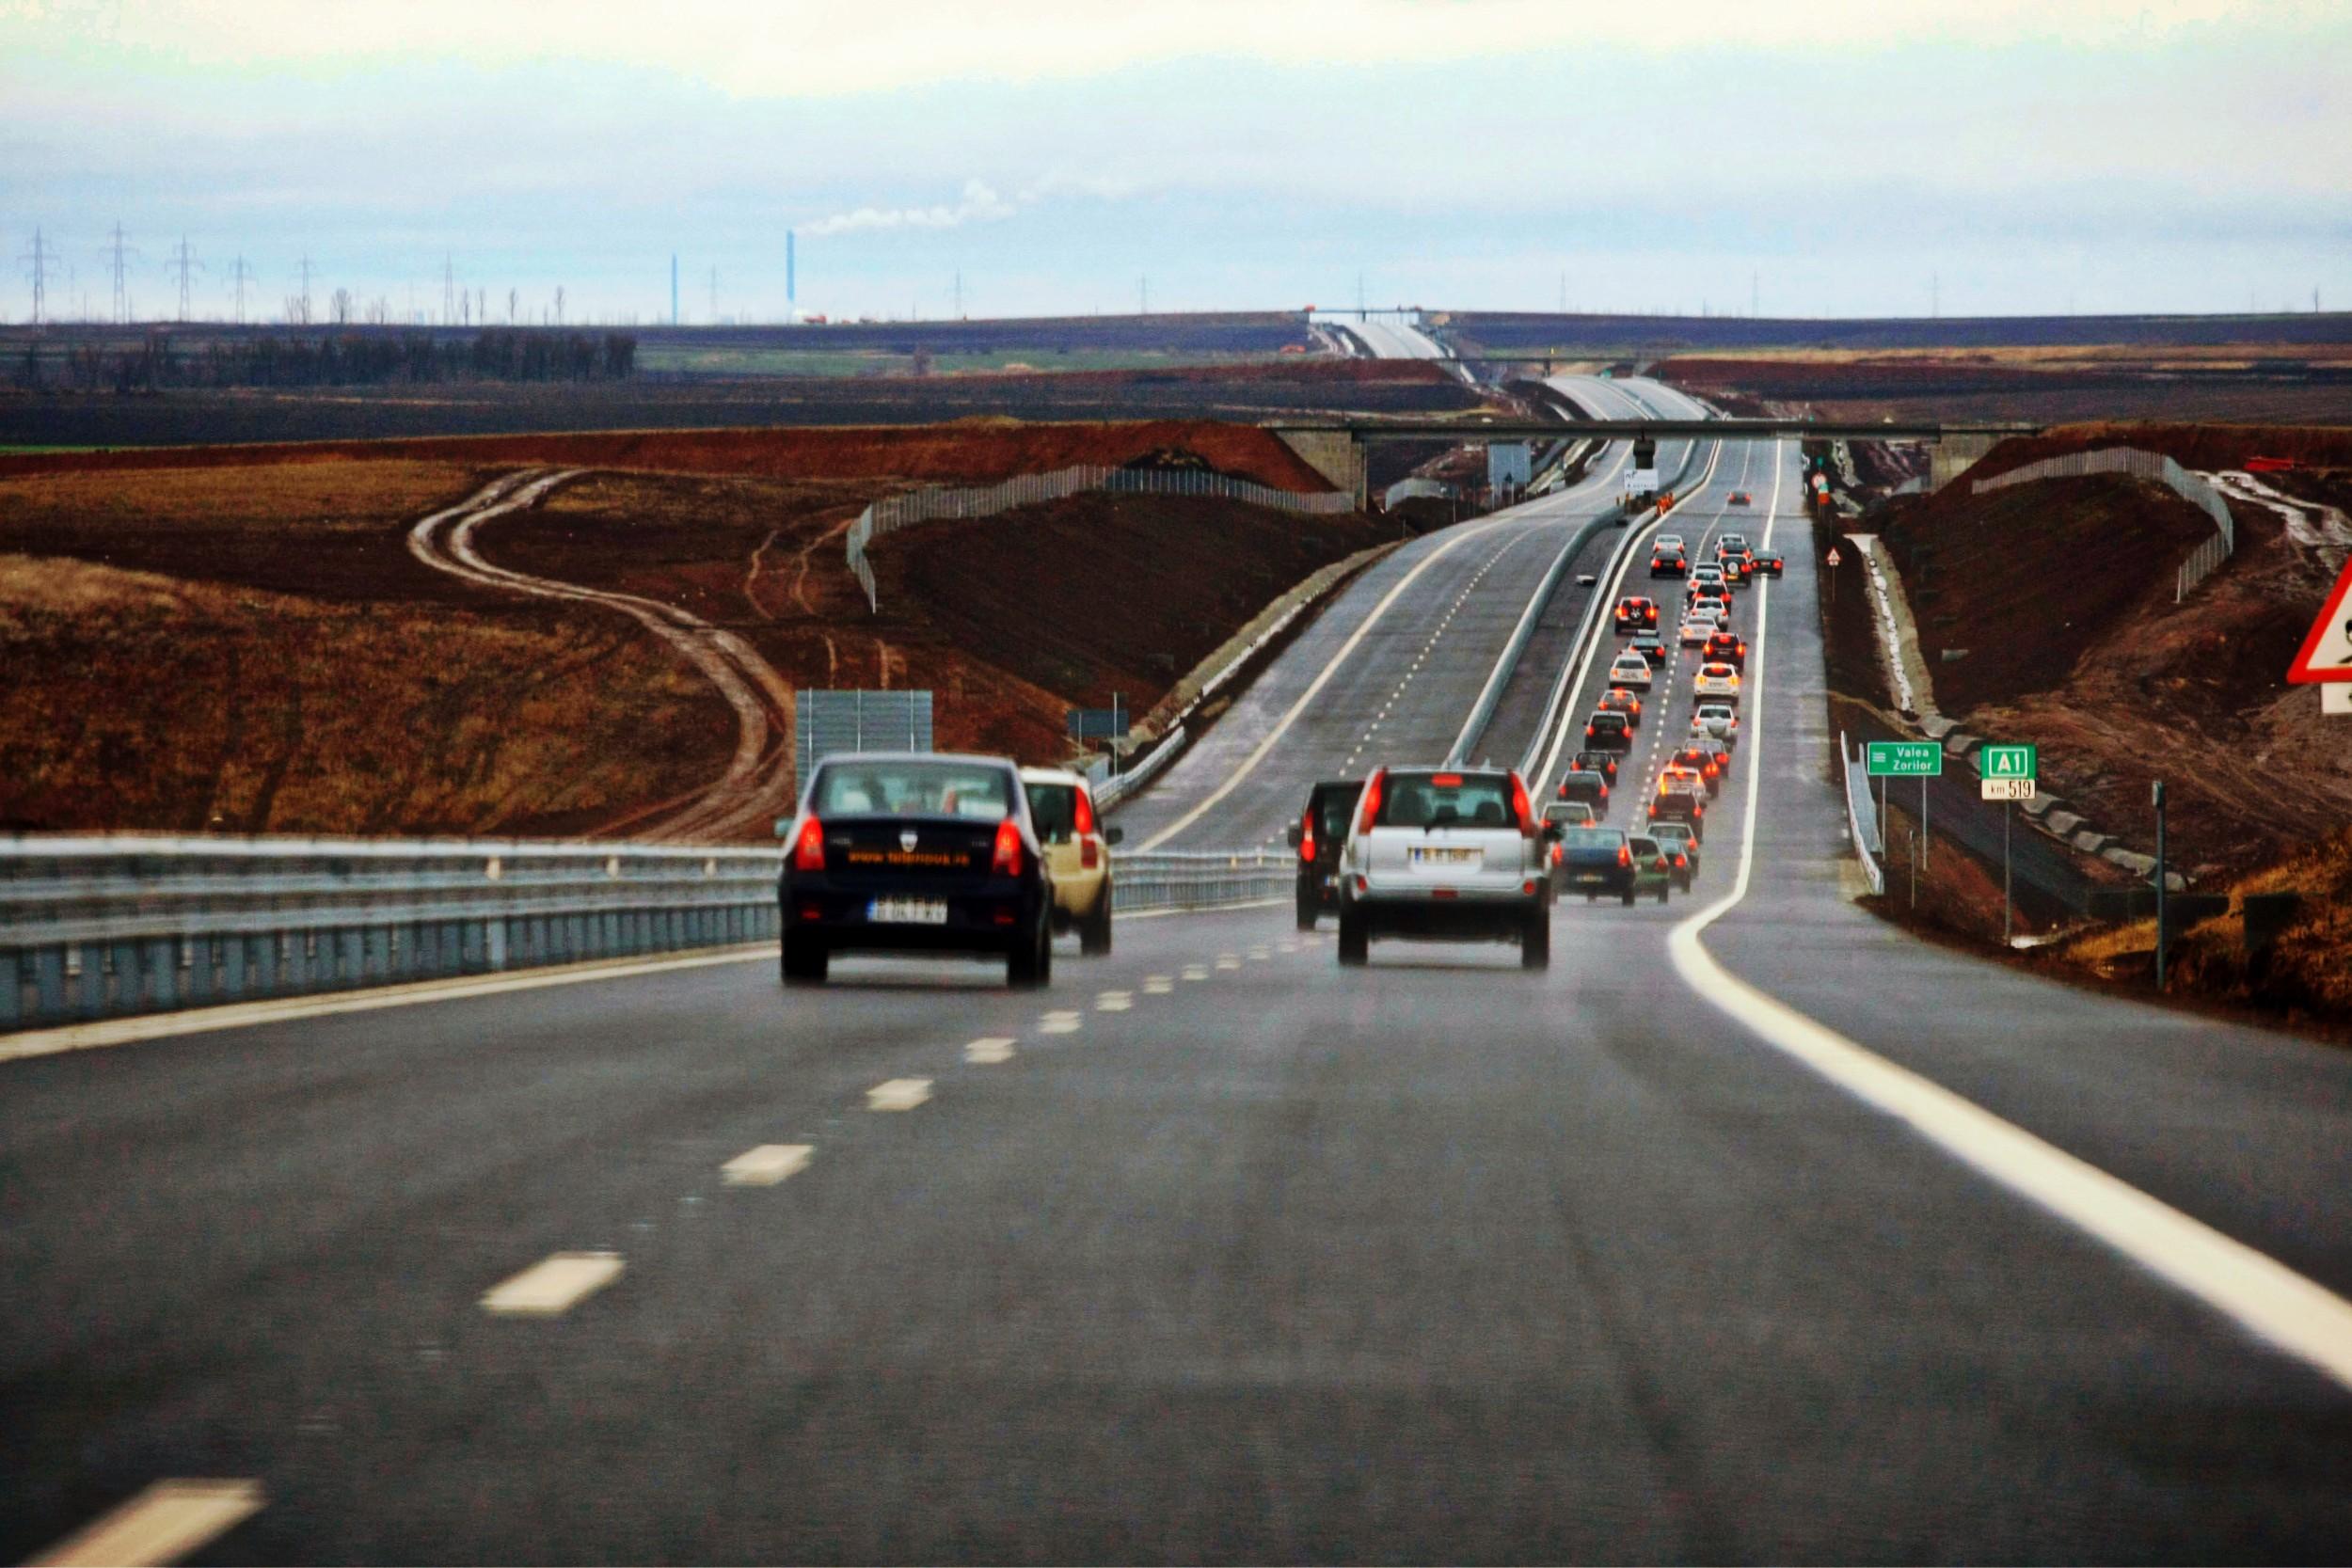 CNAIR deschide inca 21 de kilometri noi de autostrada pana la finalul anului. Unde sunt acestia